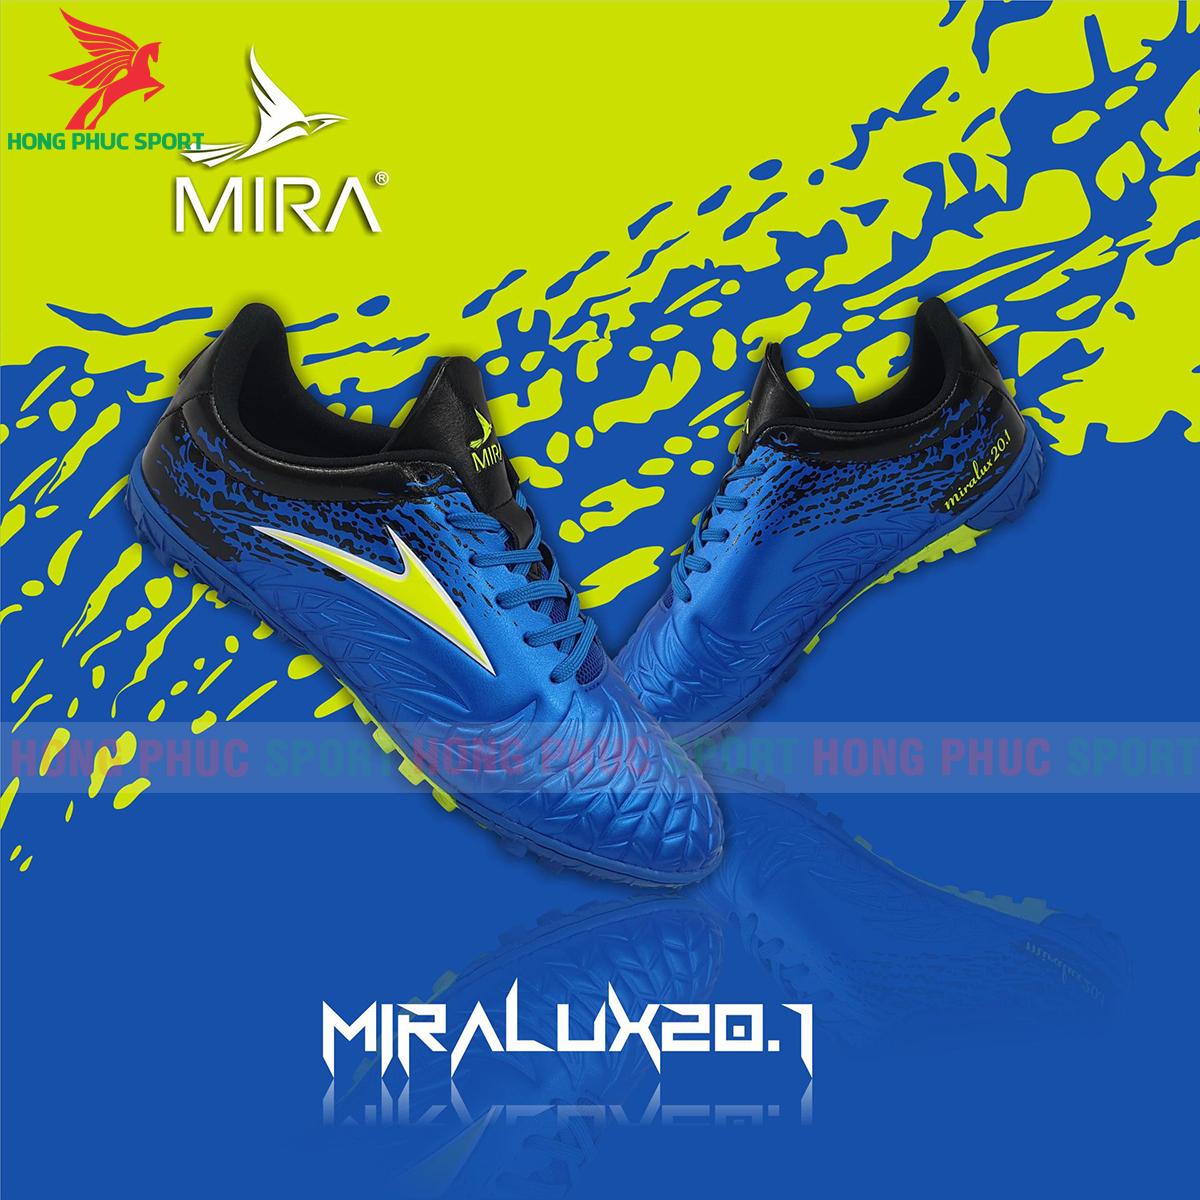 Giày Mira Lux 20.1 sân cỏ nhân tạo màu xanh dương phối đen